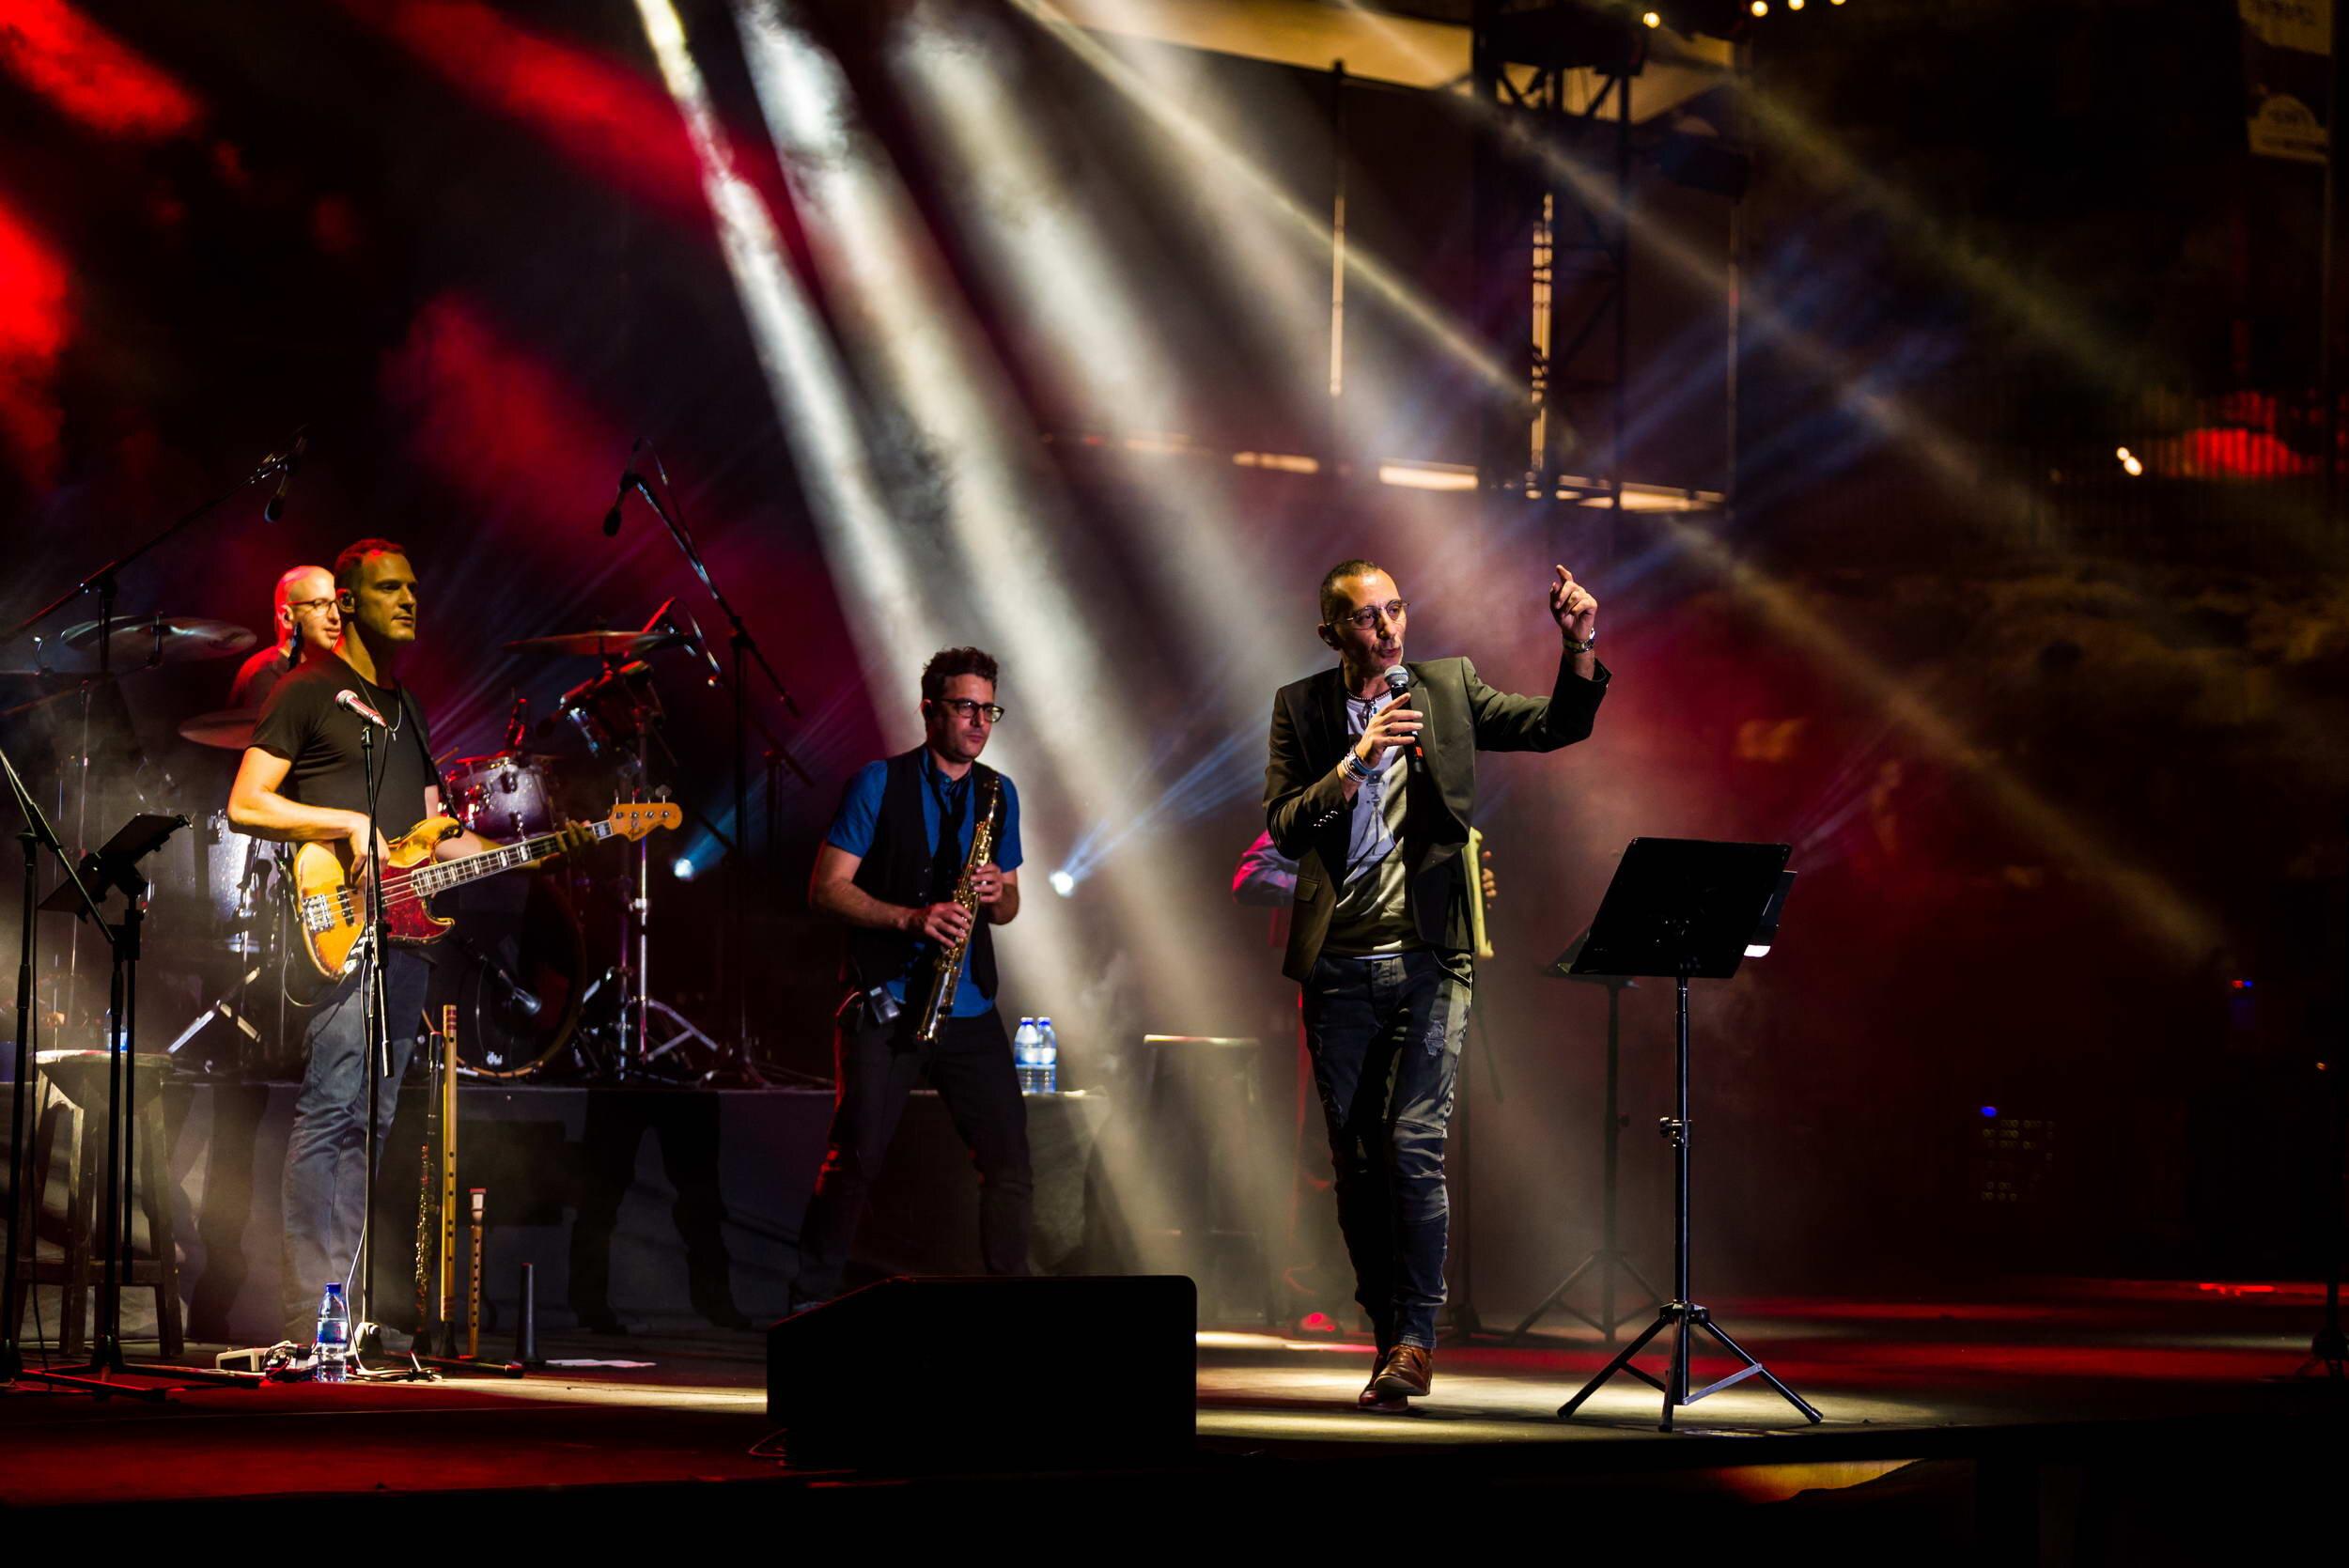 שמעון בוסקילה בהופעה חיה